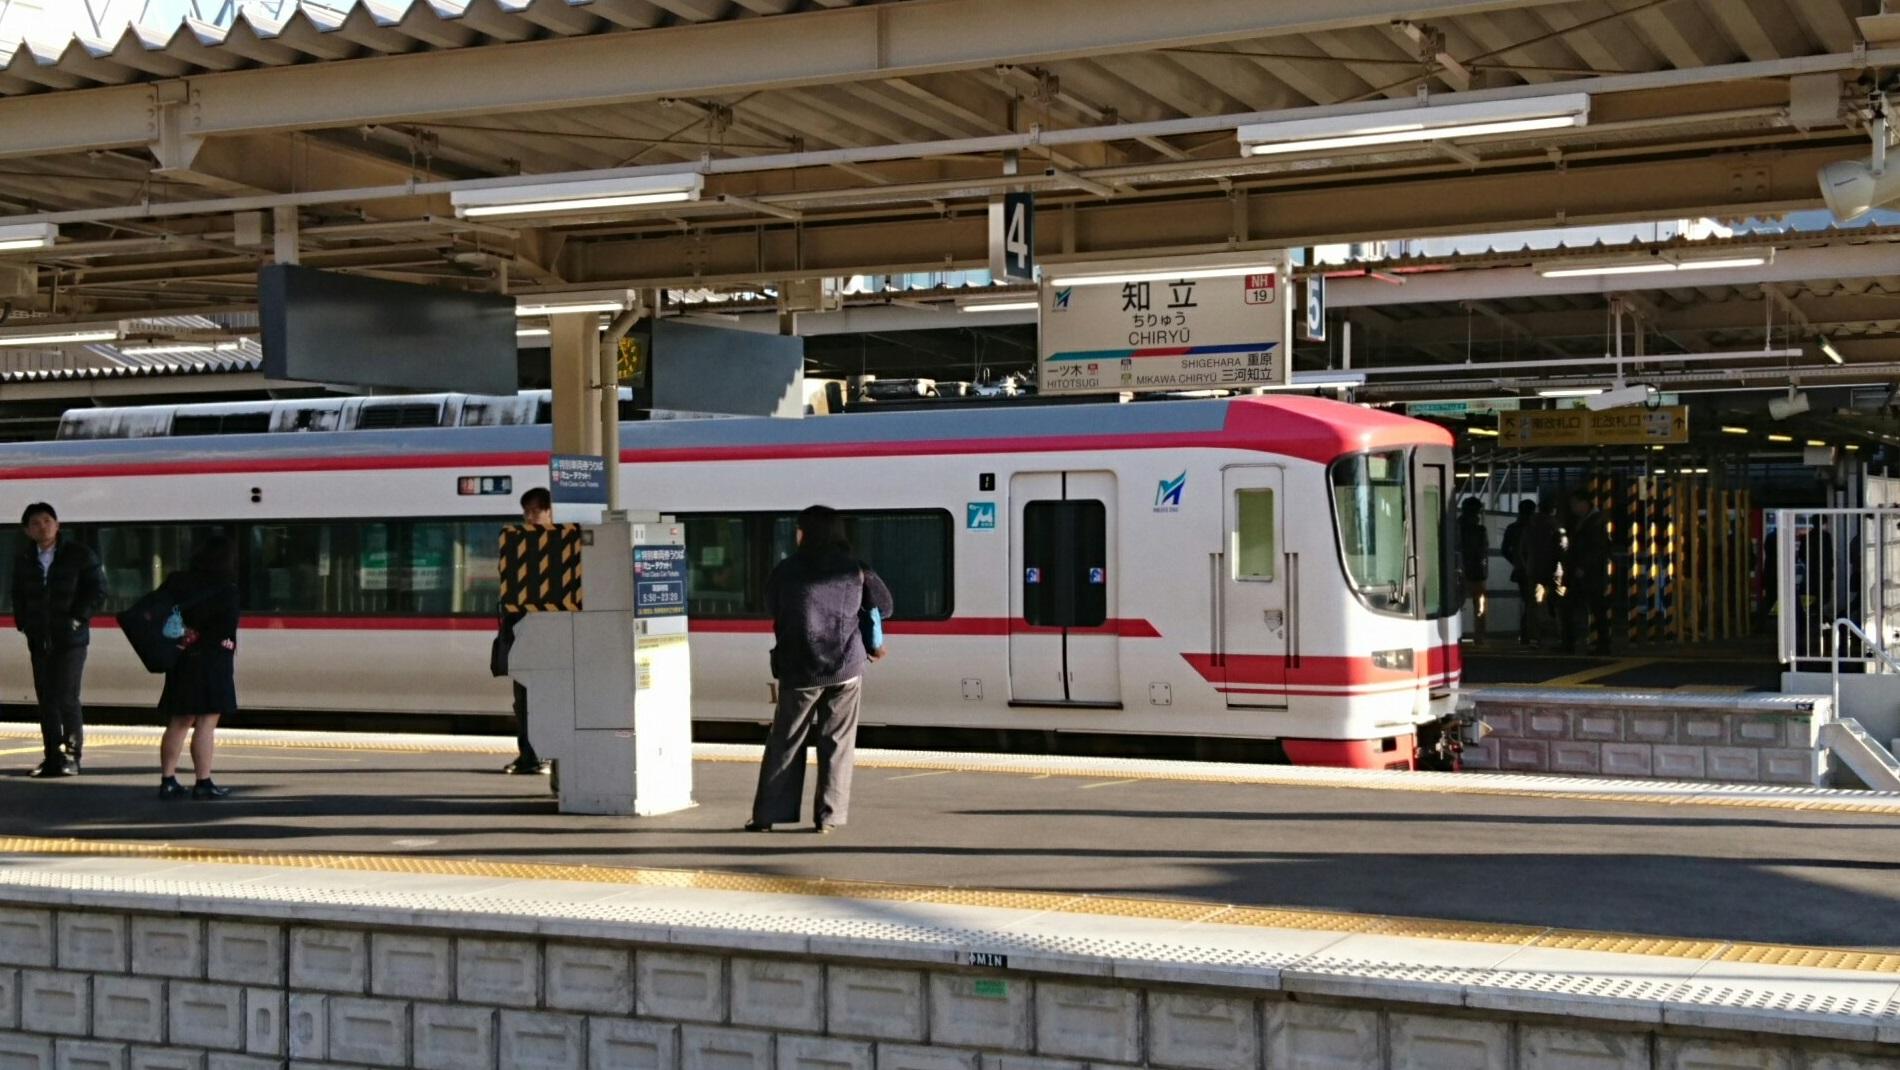 2018.2.27 (4) 知立 - 豊橋いき特急 1900-1070